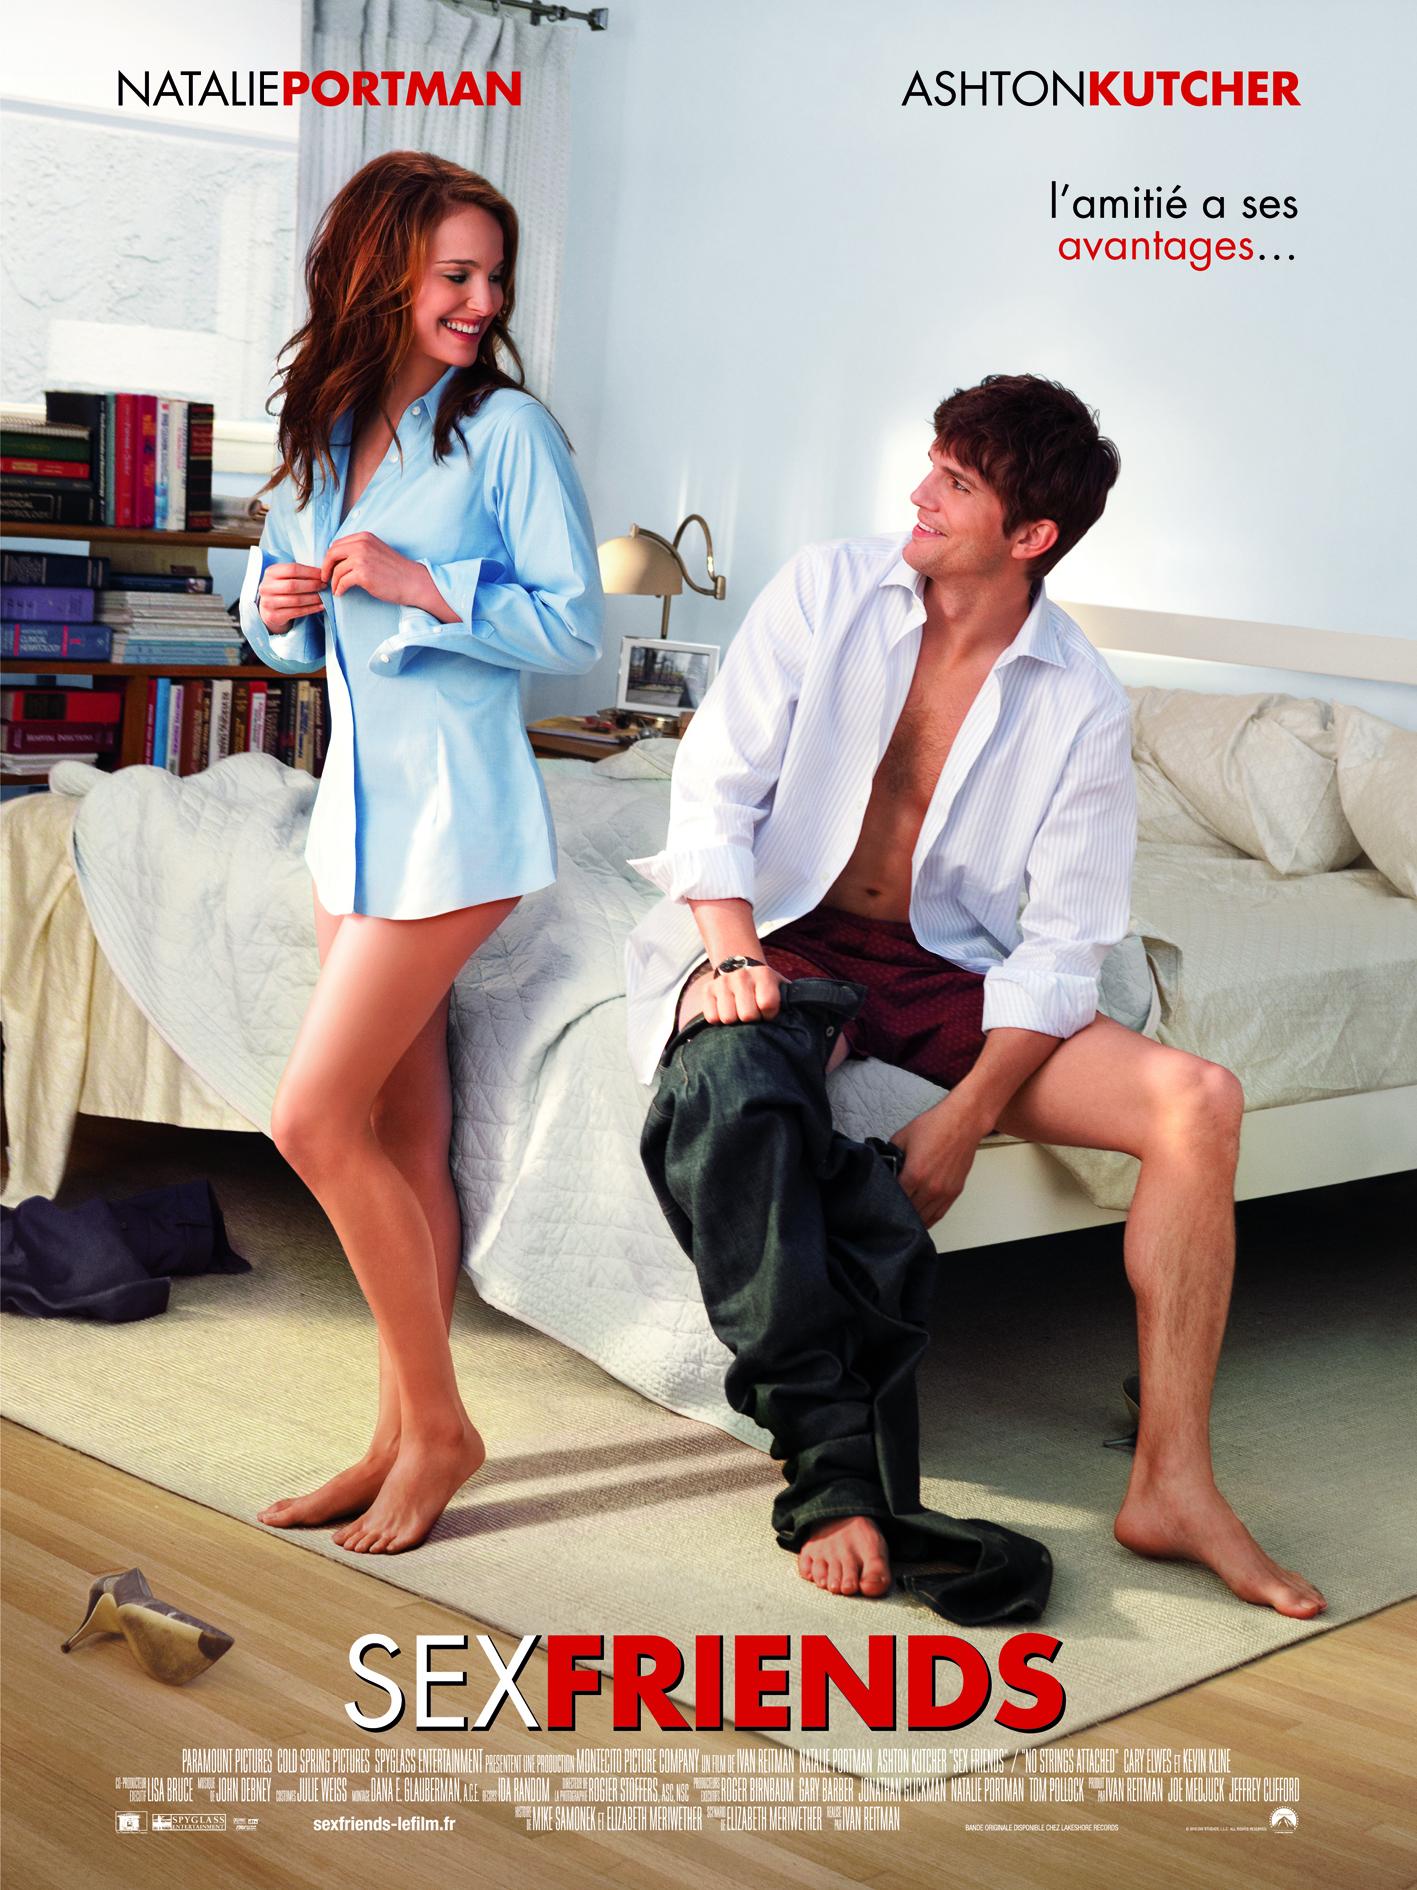 123 vid sex de film